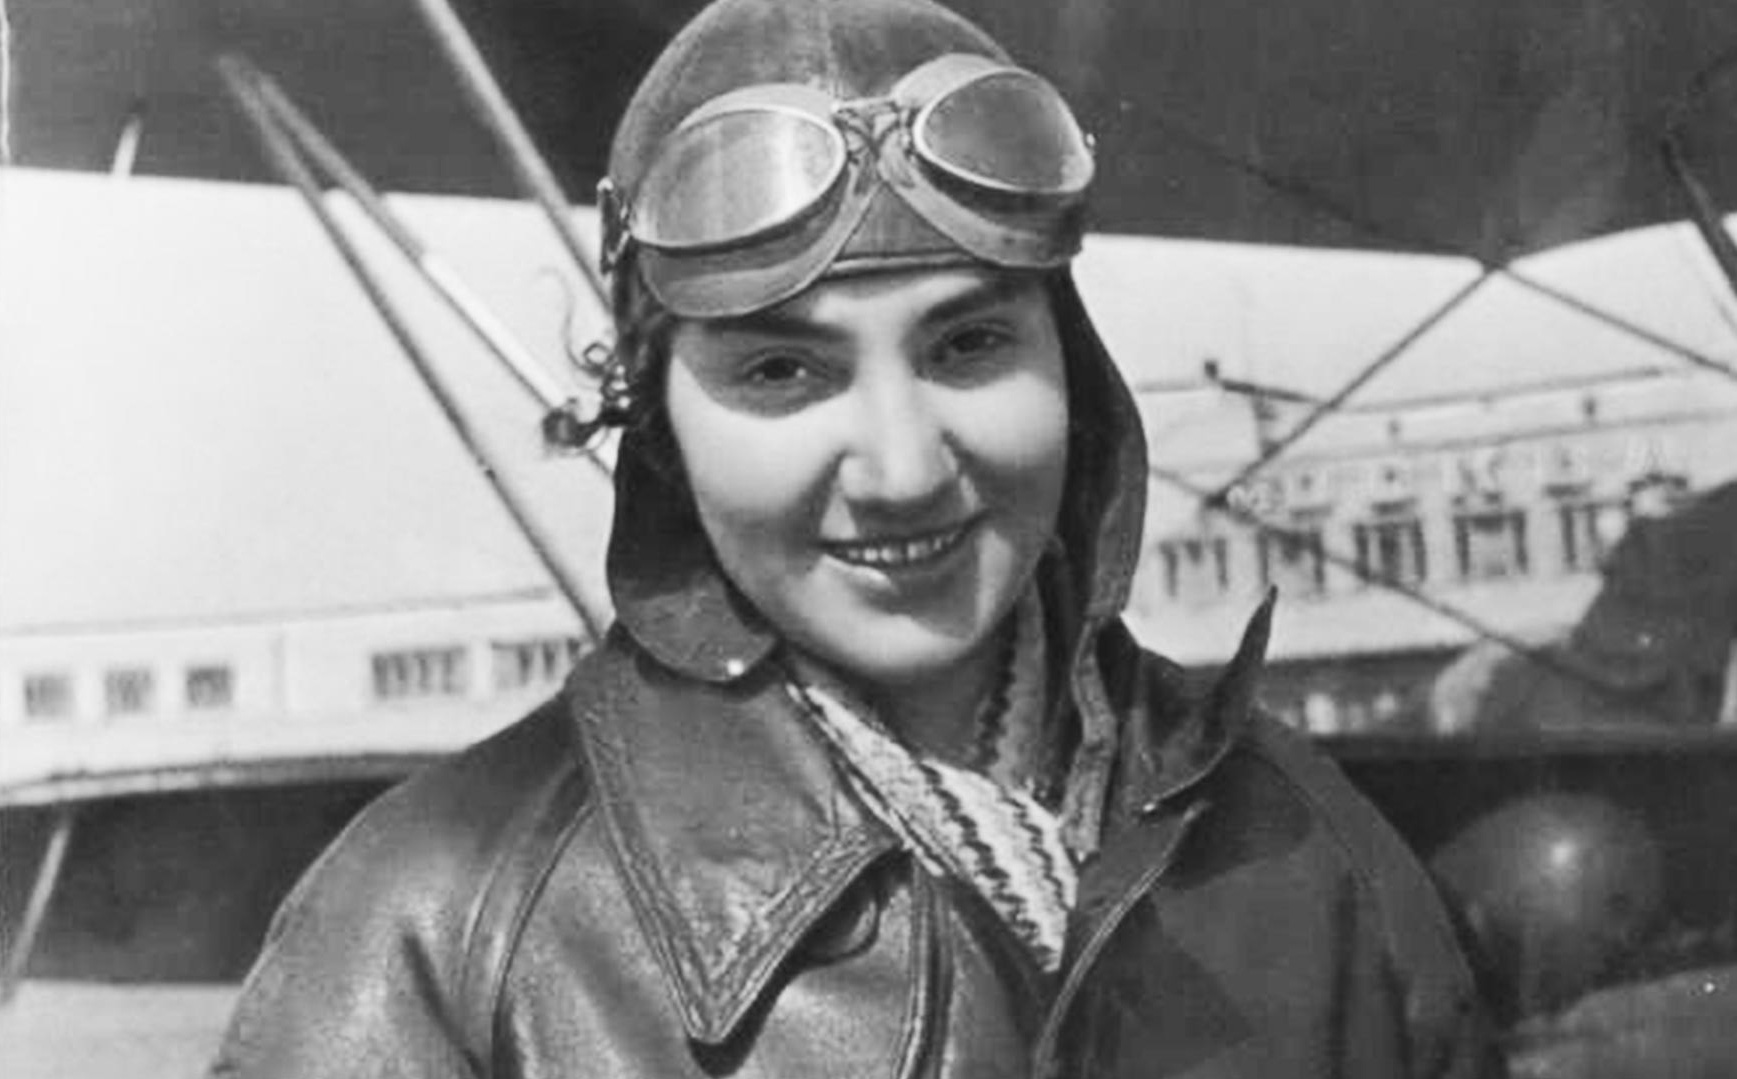 Dám đối đầu với nguyên soái Liên Xô, nữ phi công không bao giờ được phong tướng